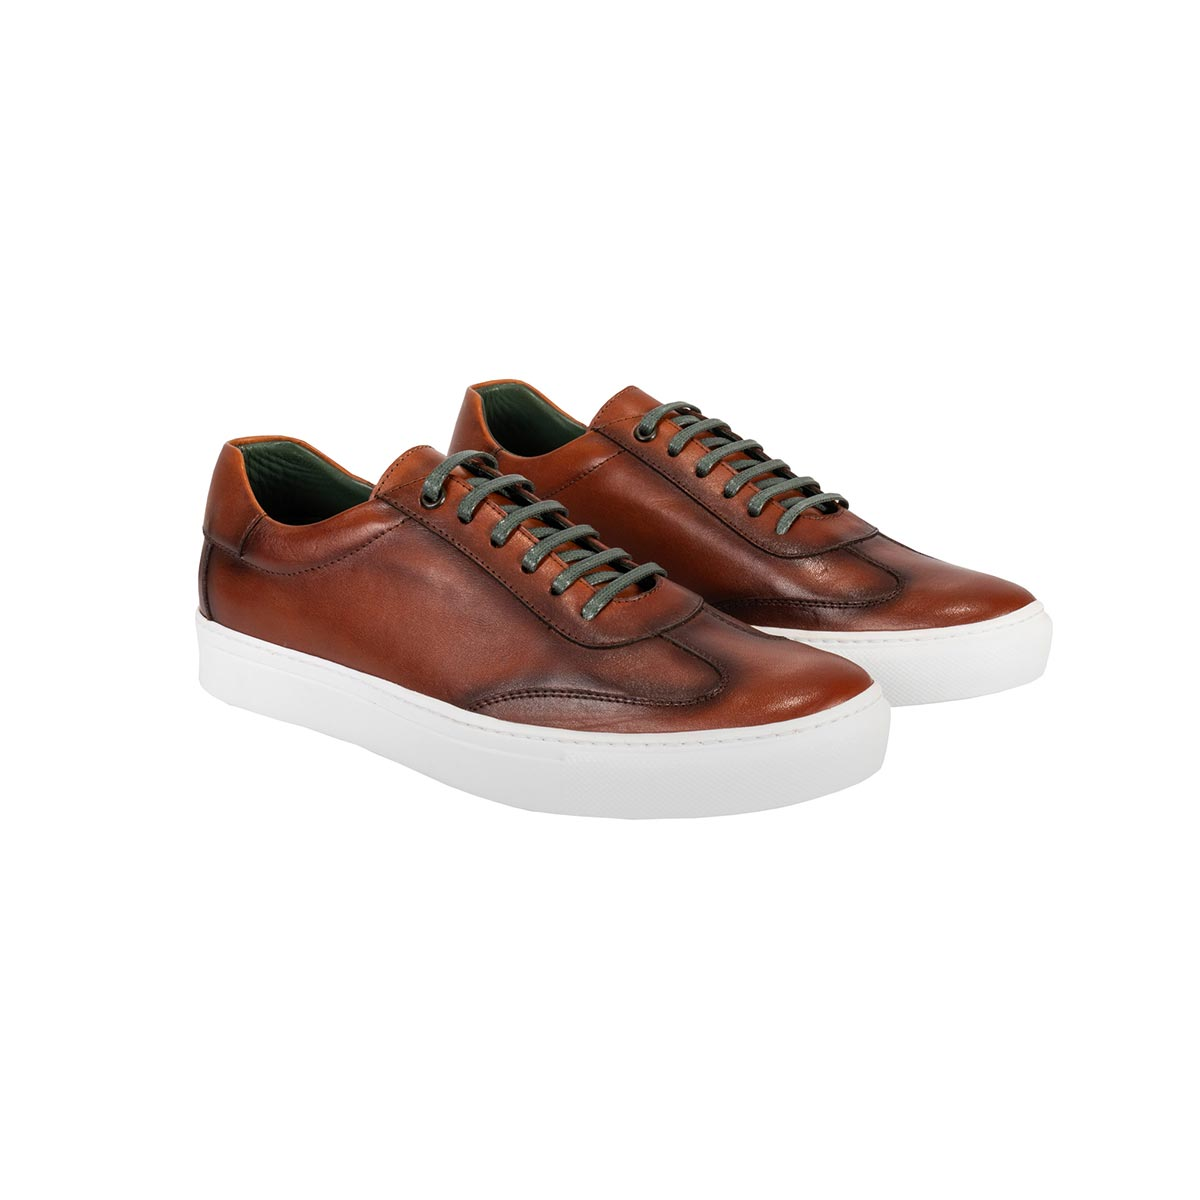 074-zapato-composition